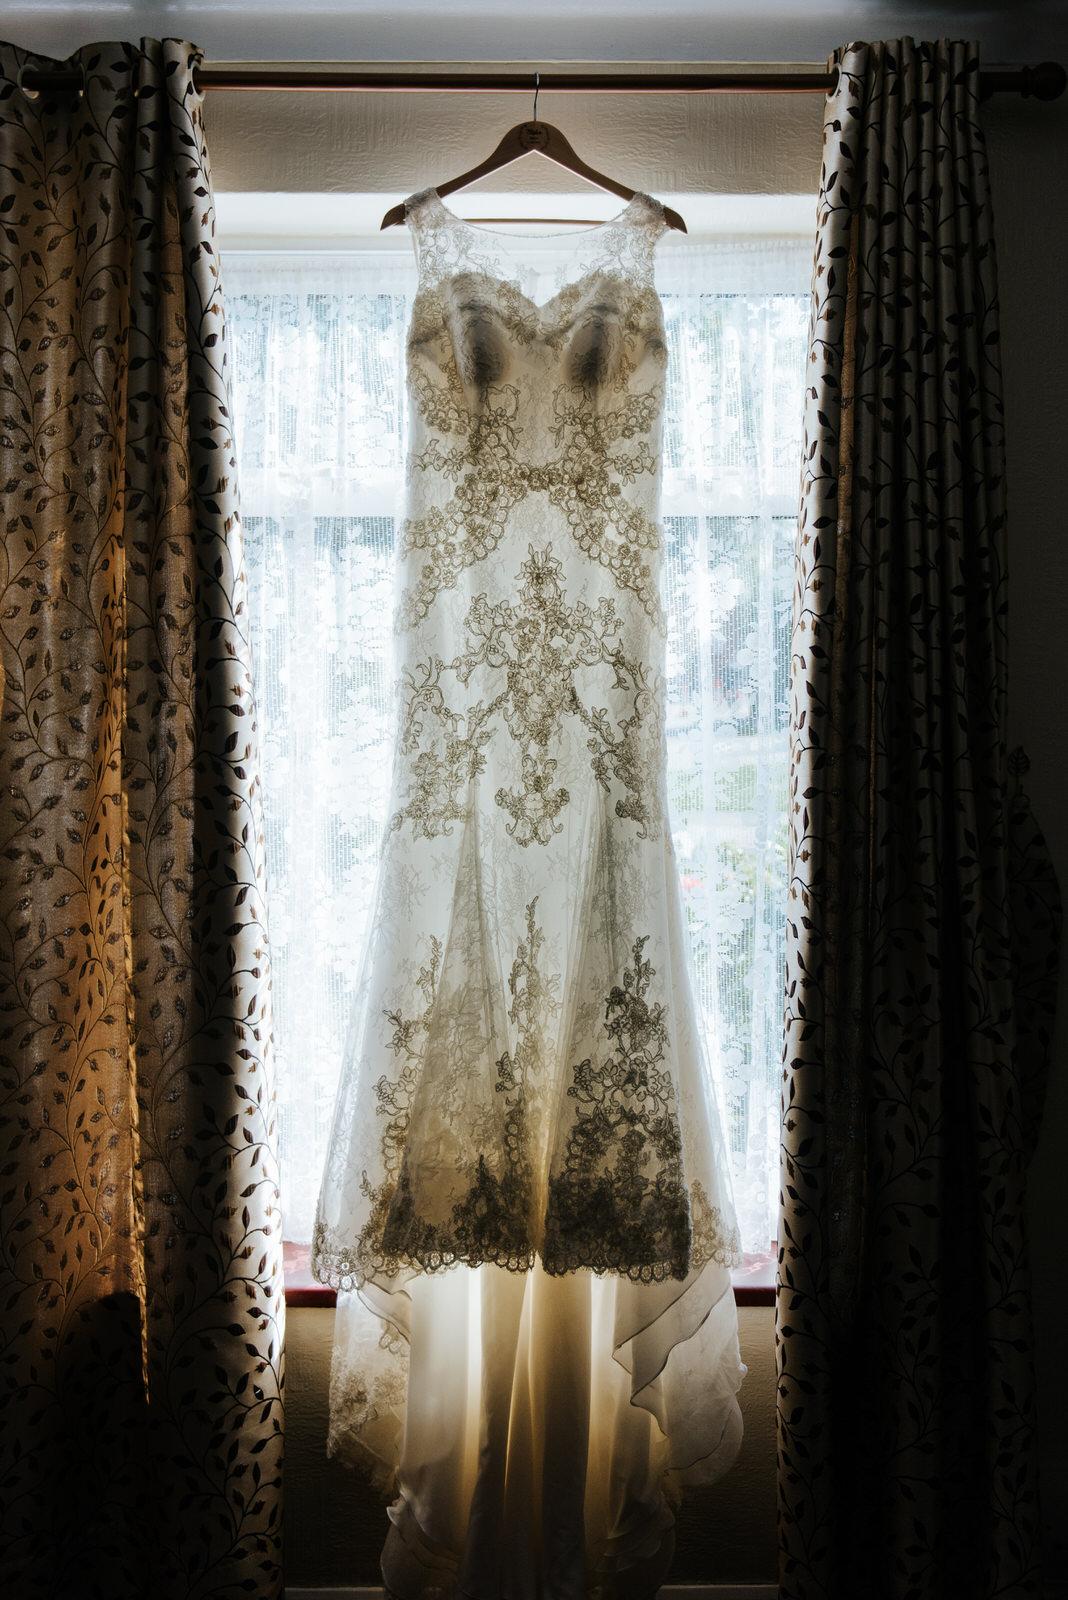 Bride's dress hangs in front of window